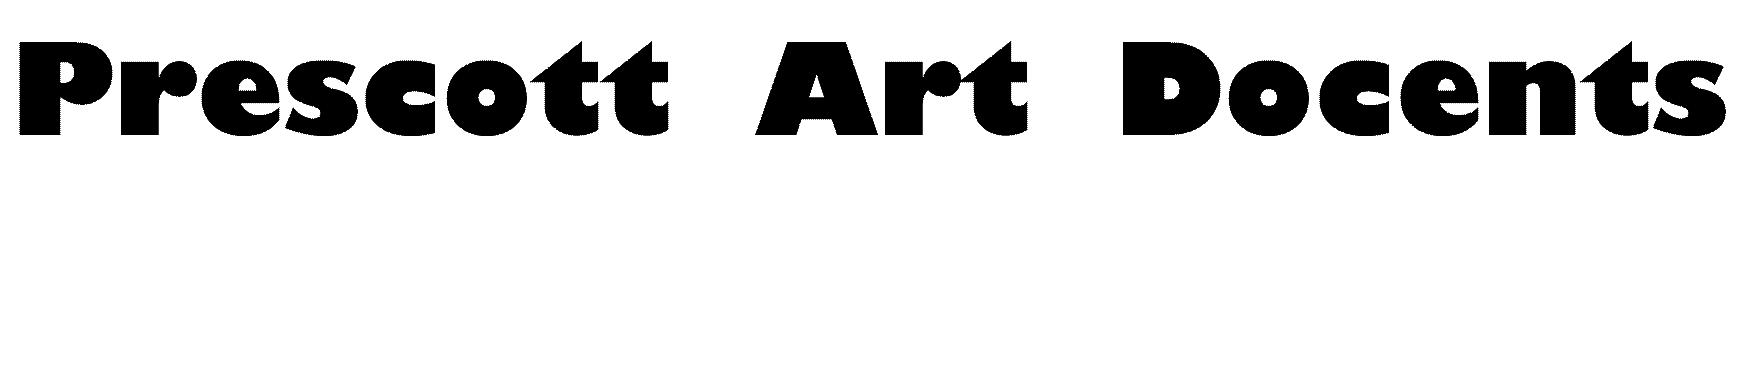 Prescott Art Docents